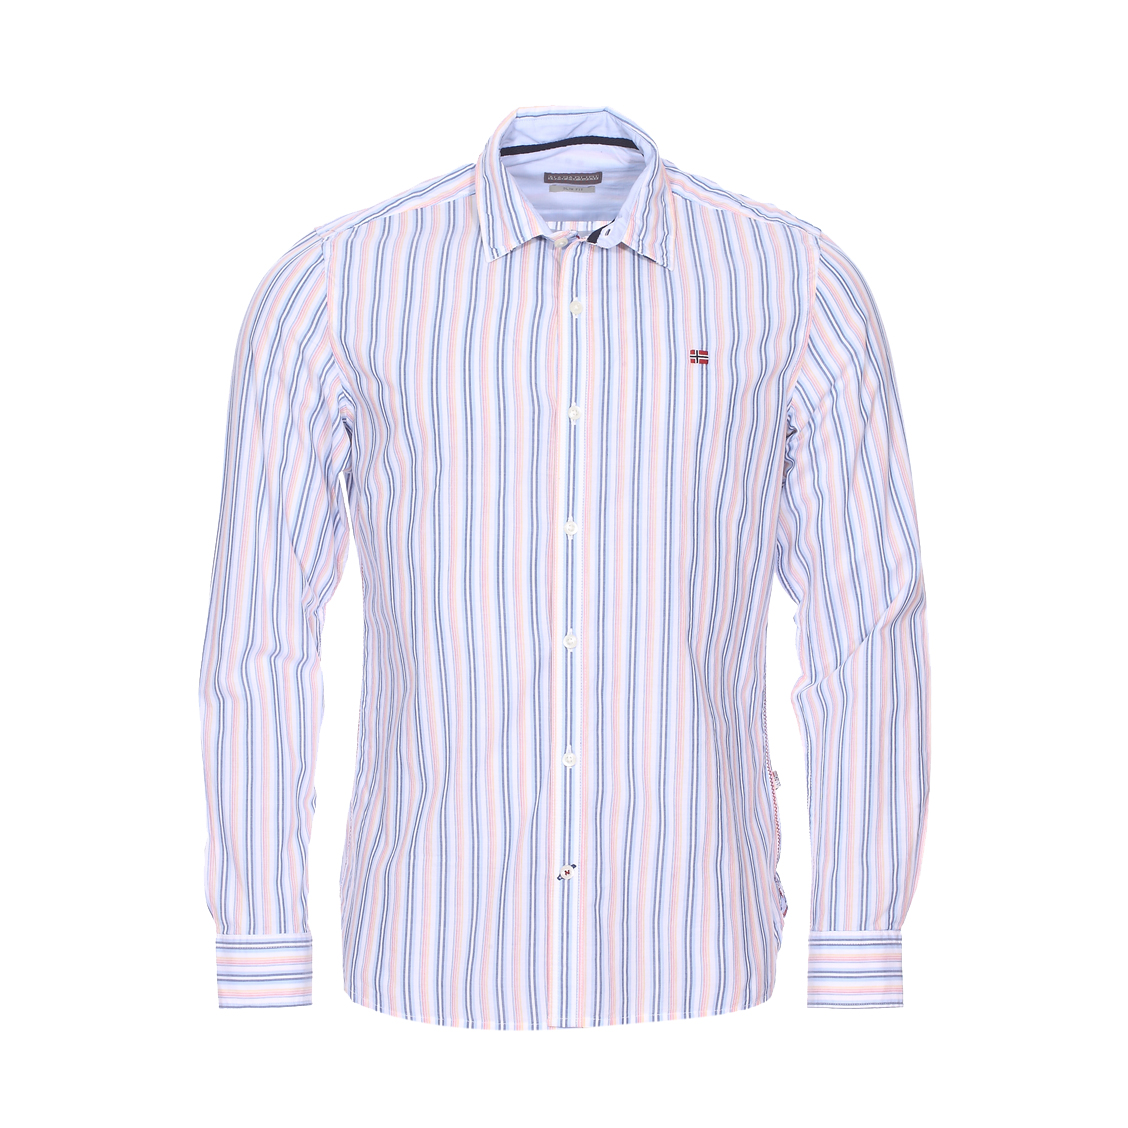 Chemise cintrée gulfport  en coton blanc à rayures bleues, orange, jaunes et rouges